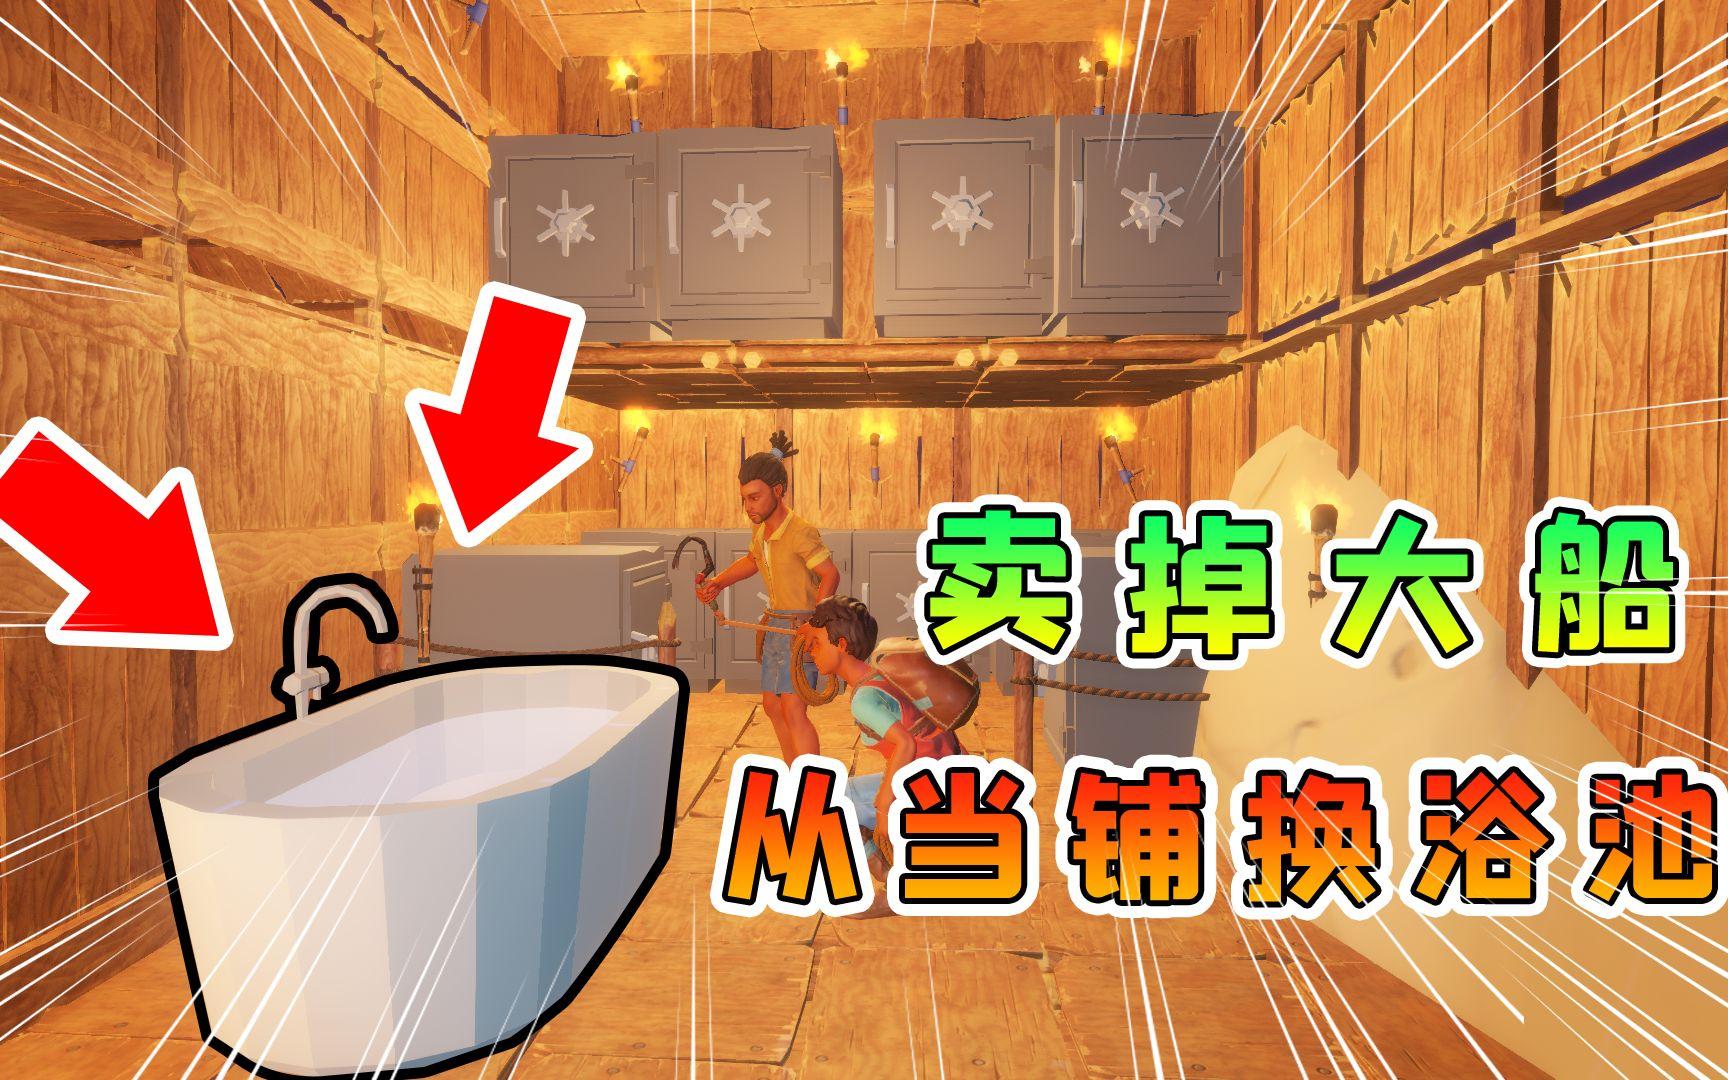 木筏求生联机214: 卖掉大船, 从当铺换了个浴池, 老板高调炫富